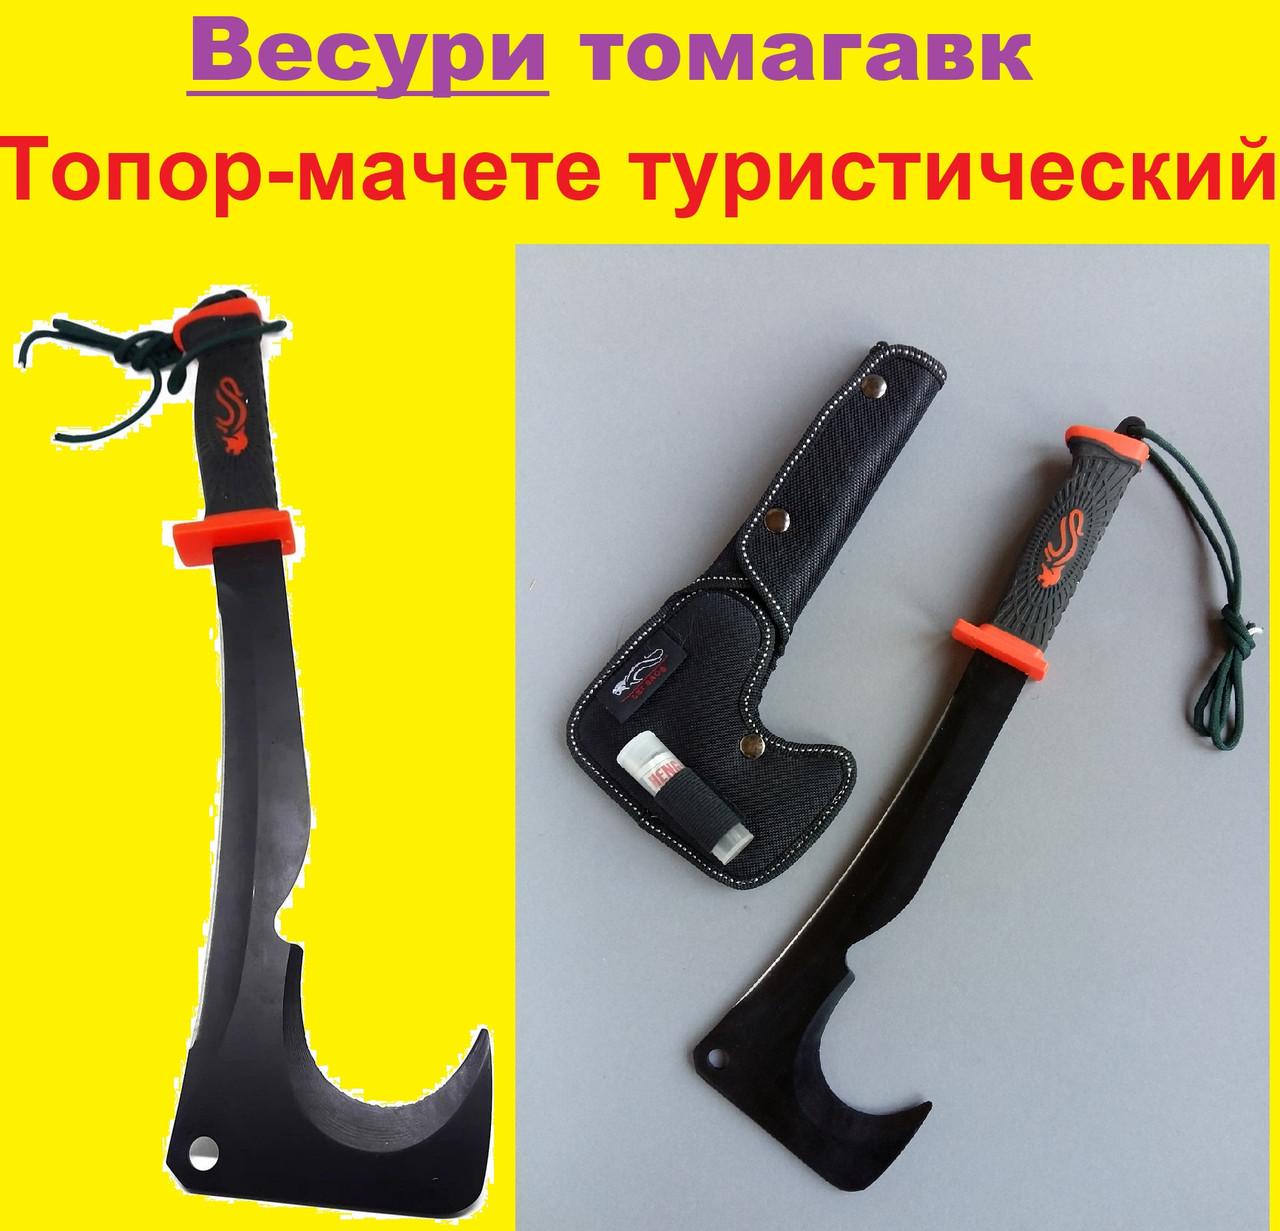 Мачете-топор, многофункциональный нож колун мачете, боевой топор туристический, томагавк метательный весури